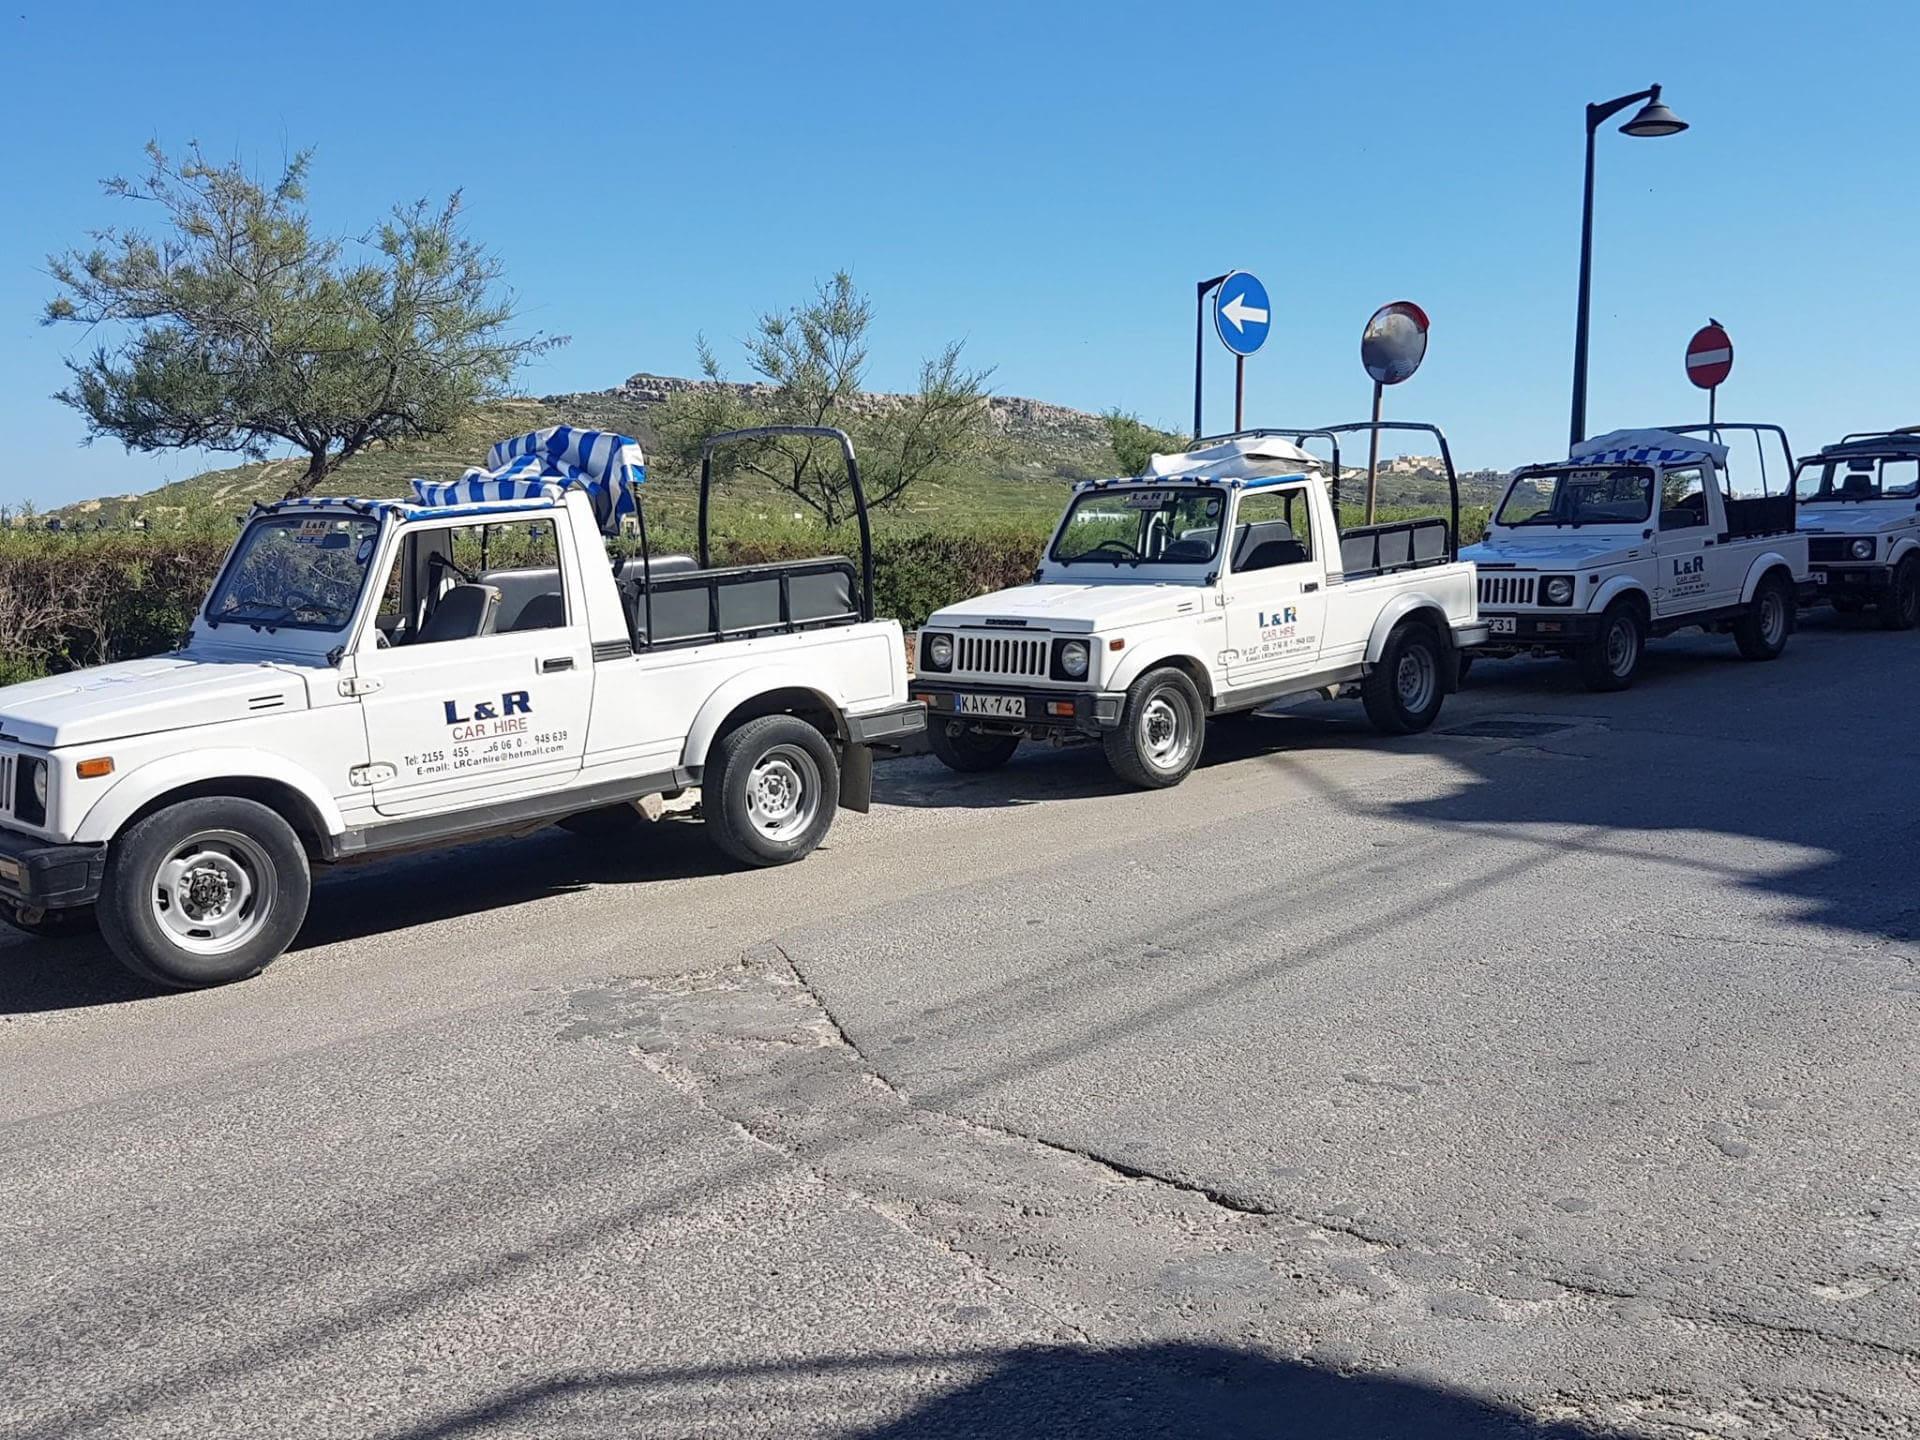 L R Car Hire Garage Car Rentals In Ghajnsielem Gozo Gozo